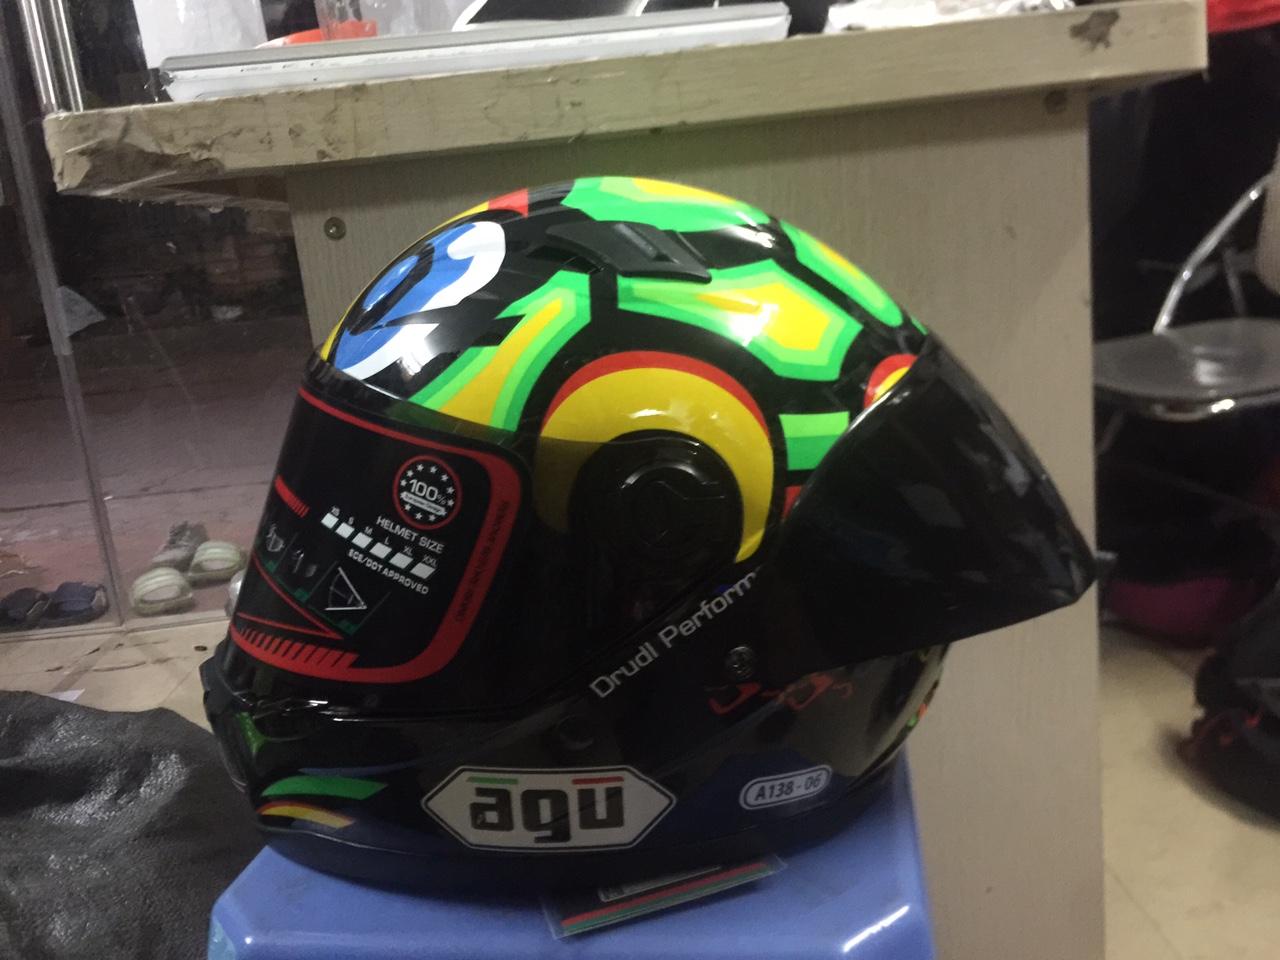 Mũ bảo hiểm fullface AGU họa tiết tem rùa (hàng chính hãng)